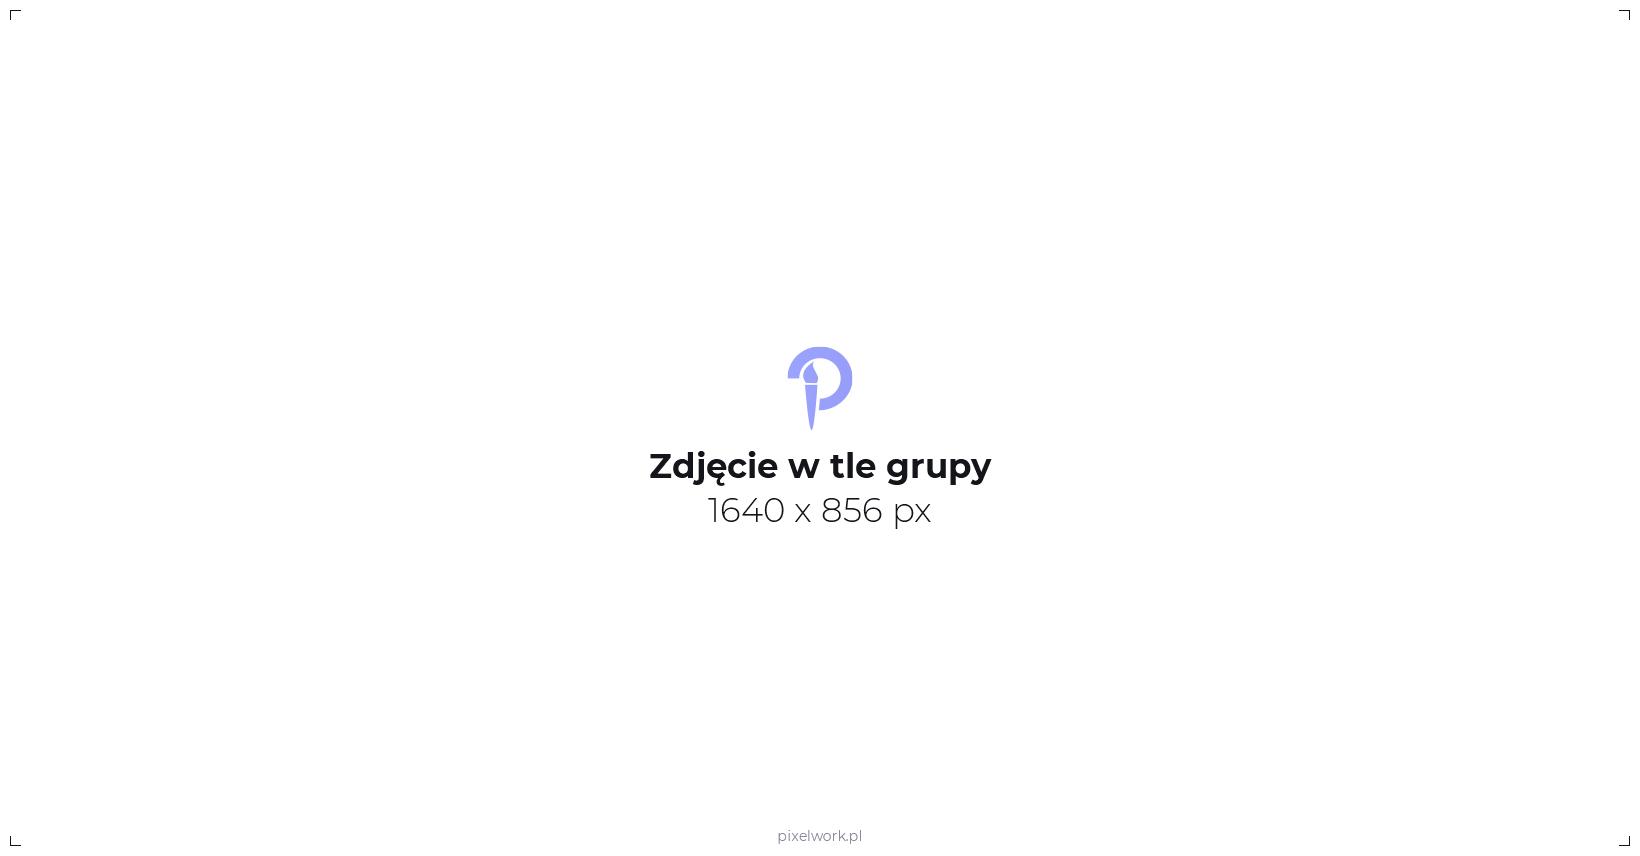 Wymiary grafik na fb, grafika na fb, zdjęcie w tle grupy wymiary